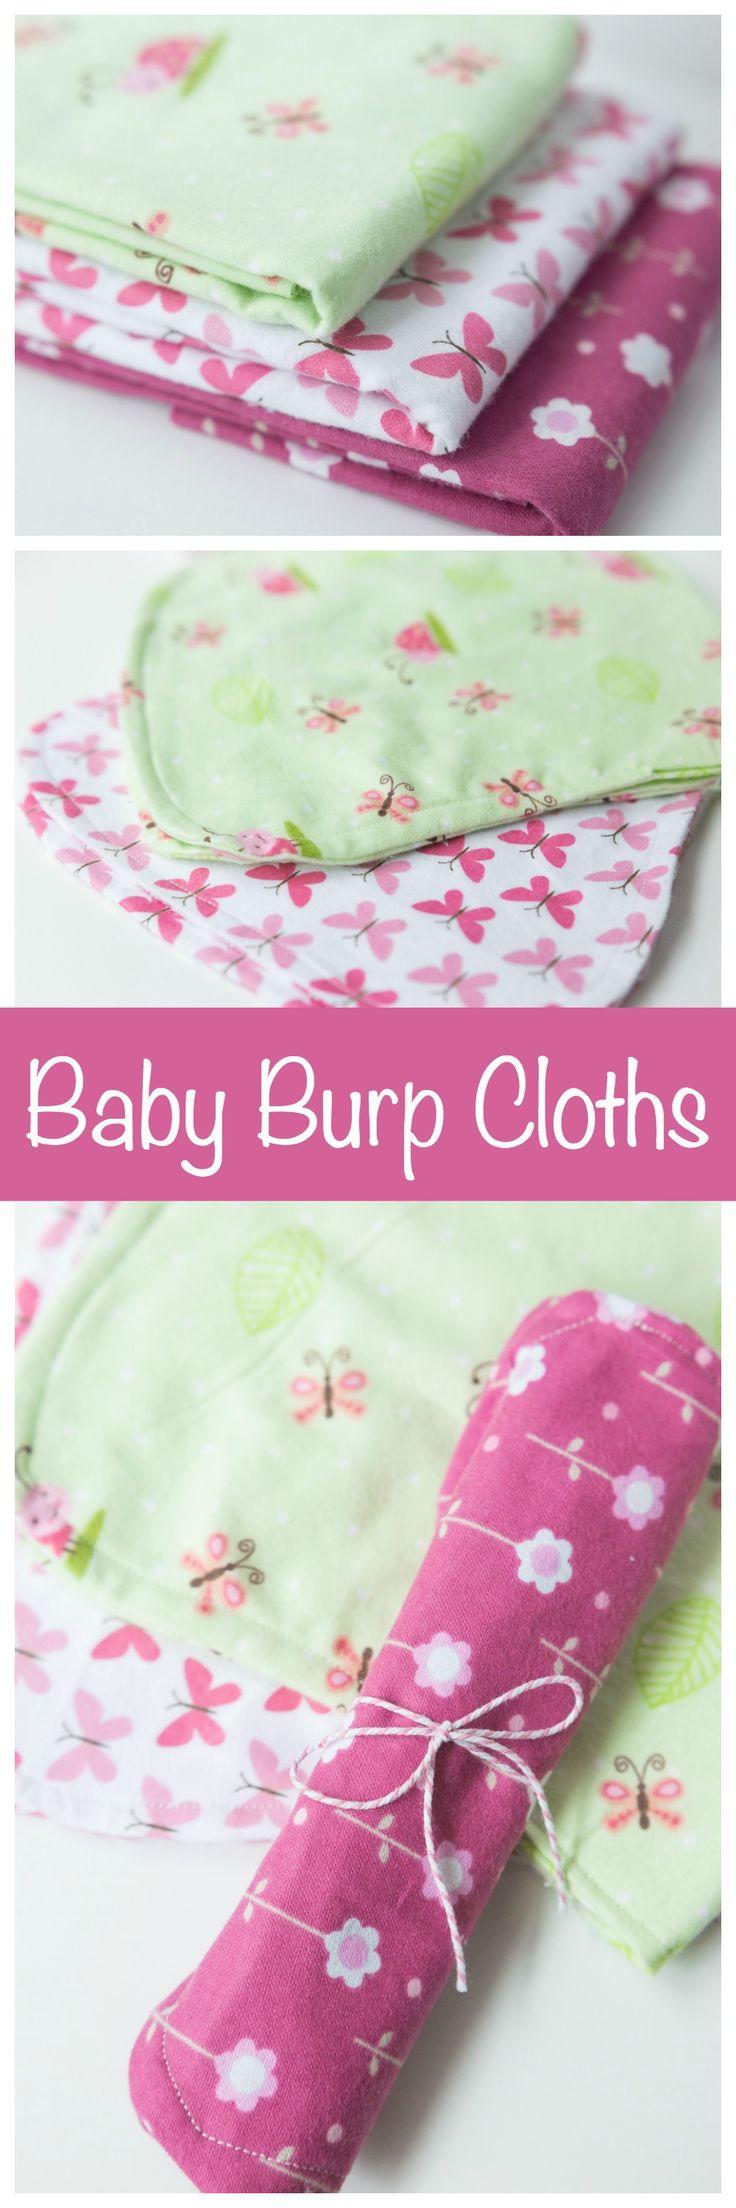 Easy baby scrapbook ideas - Simple Baby Burp Cloths